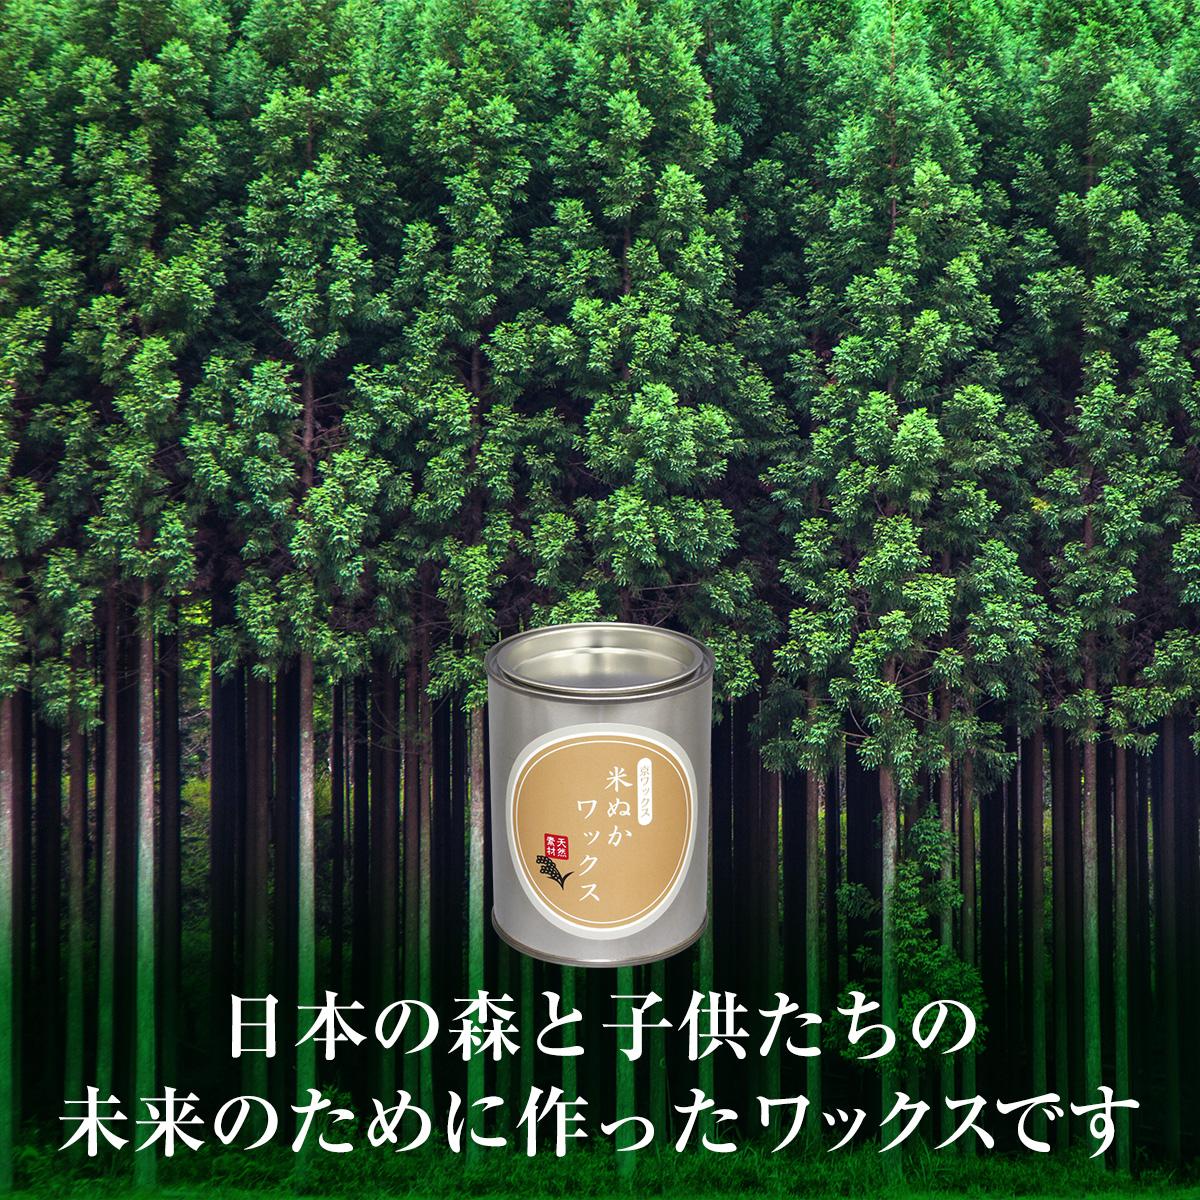 日本の森と子供たちの未来のために作ったワックスです